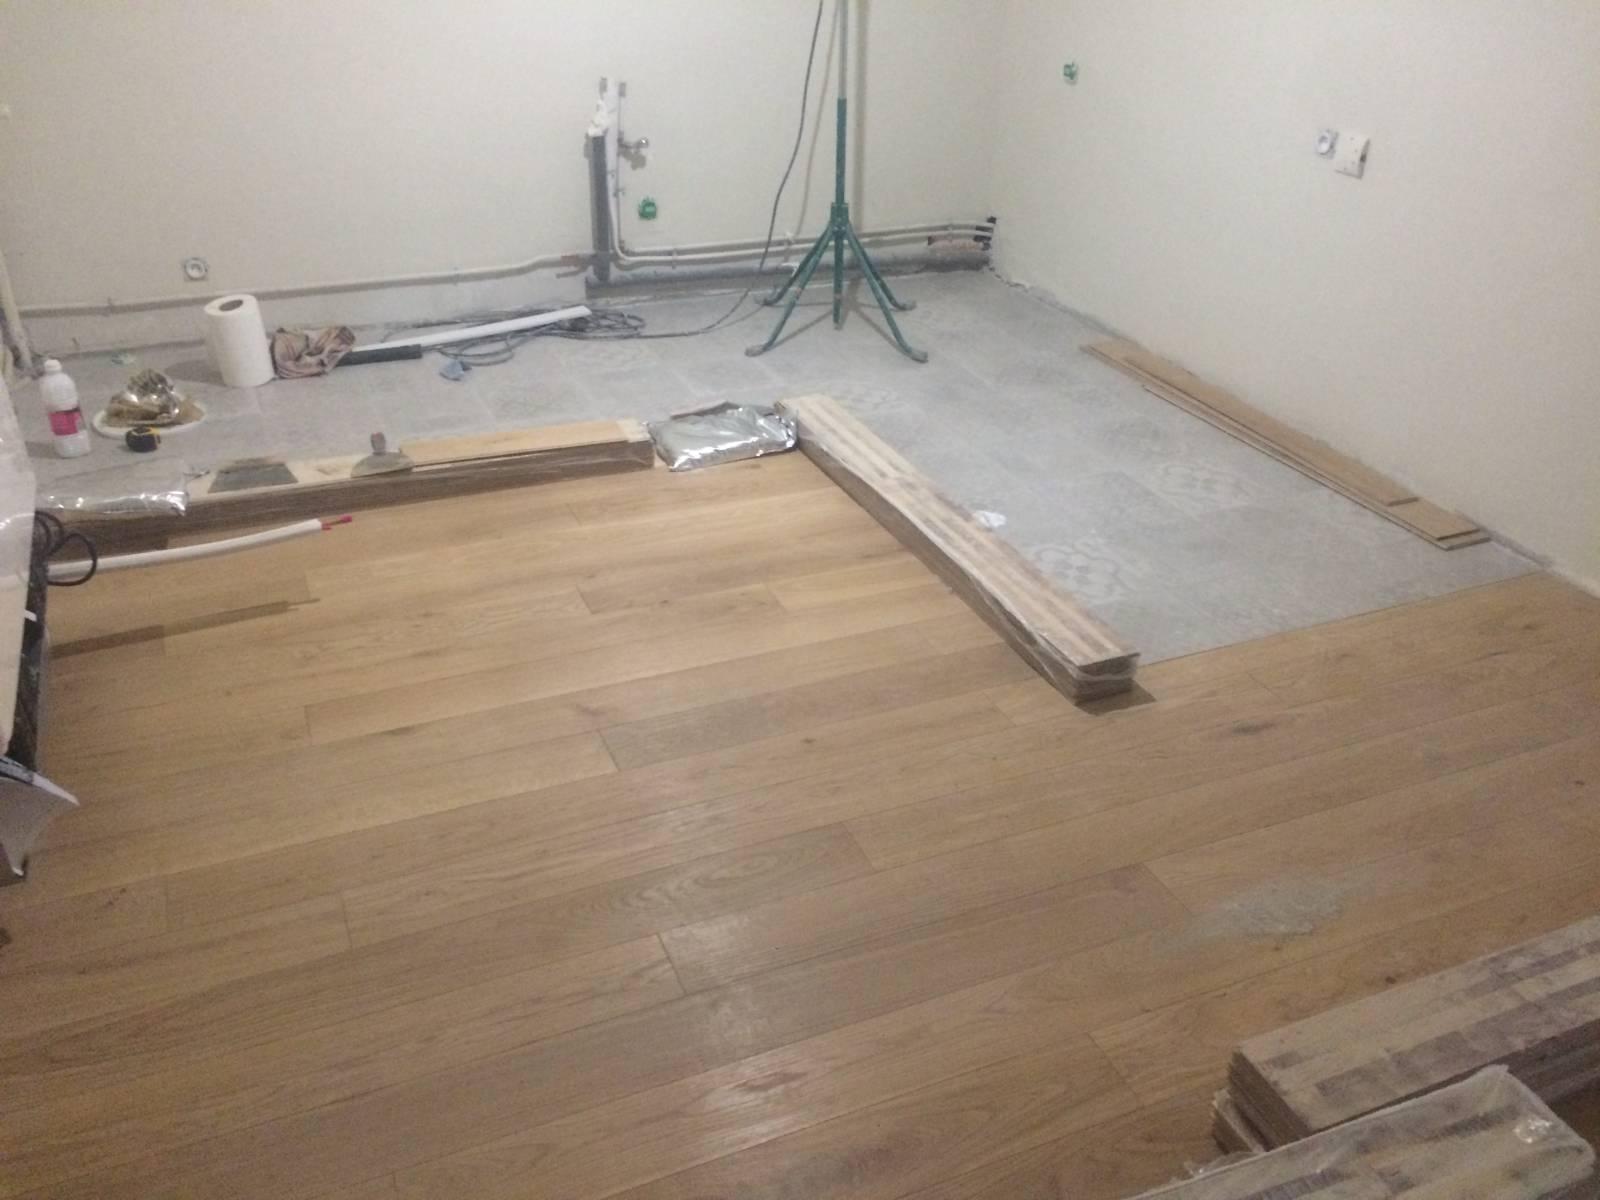 Ragréage Sur Parquet Pour Pose Carrelage rénovation totale d'appartement avec application de peinture